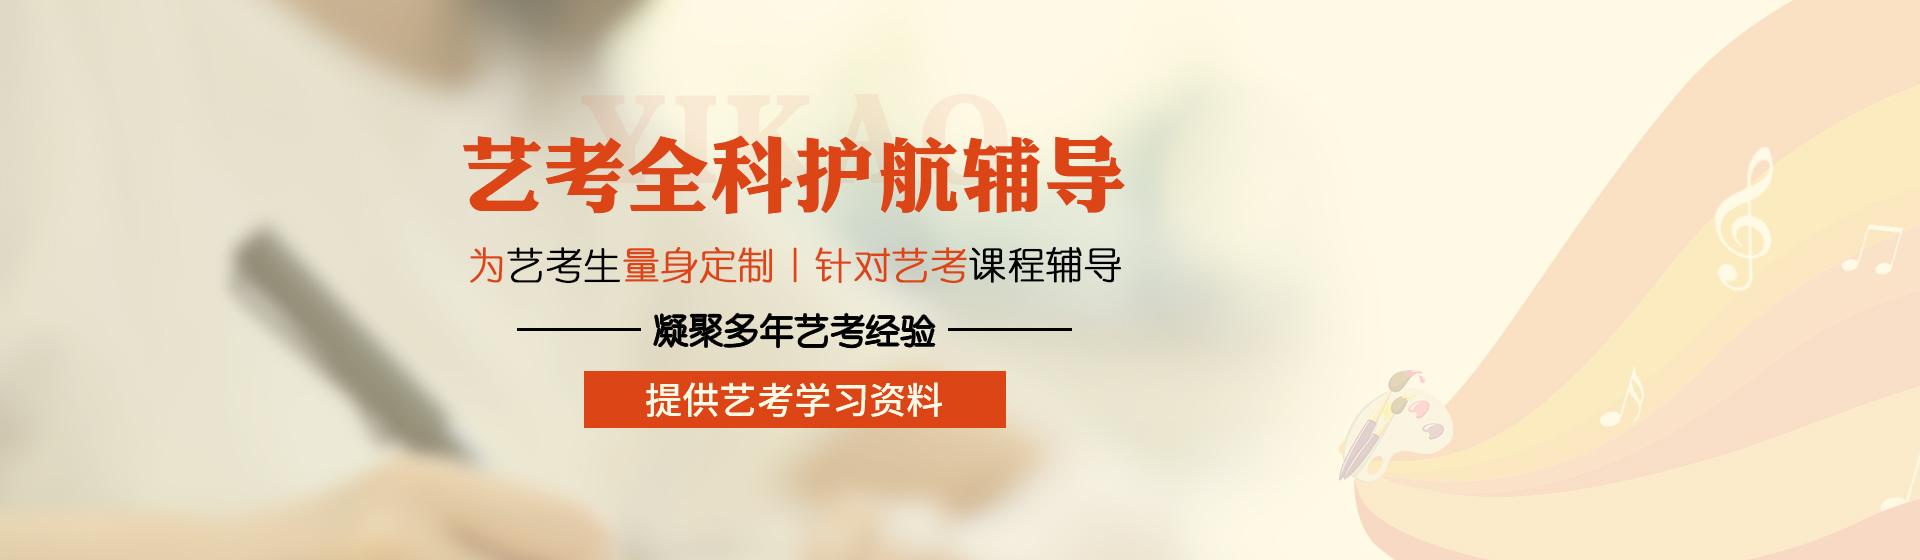 秦学艺考文化课,上课形式线上一对一辅导,小班课,在线课,针对年级高三艺考生。